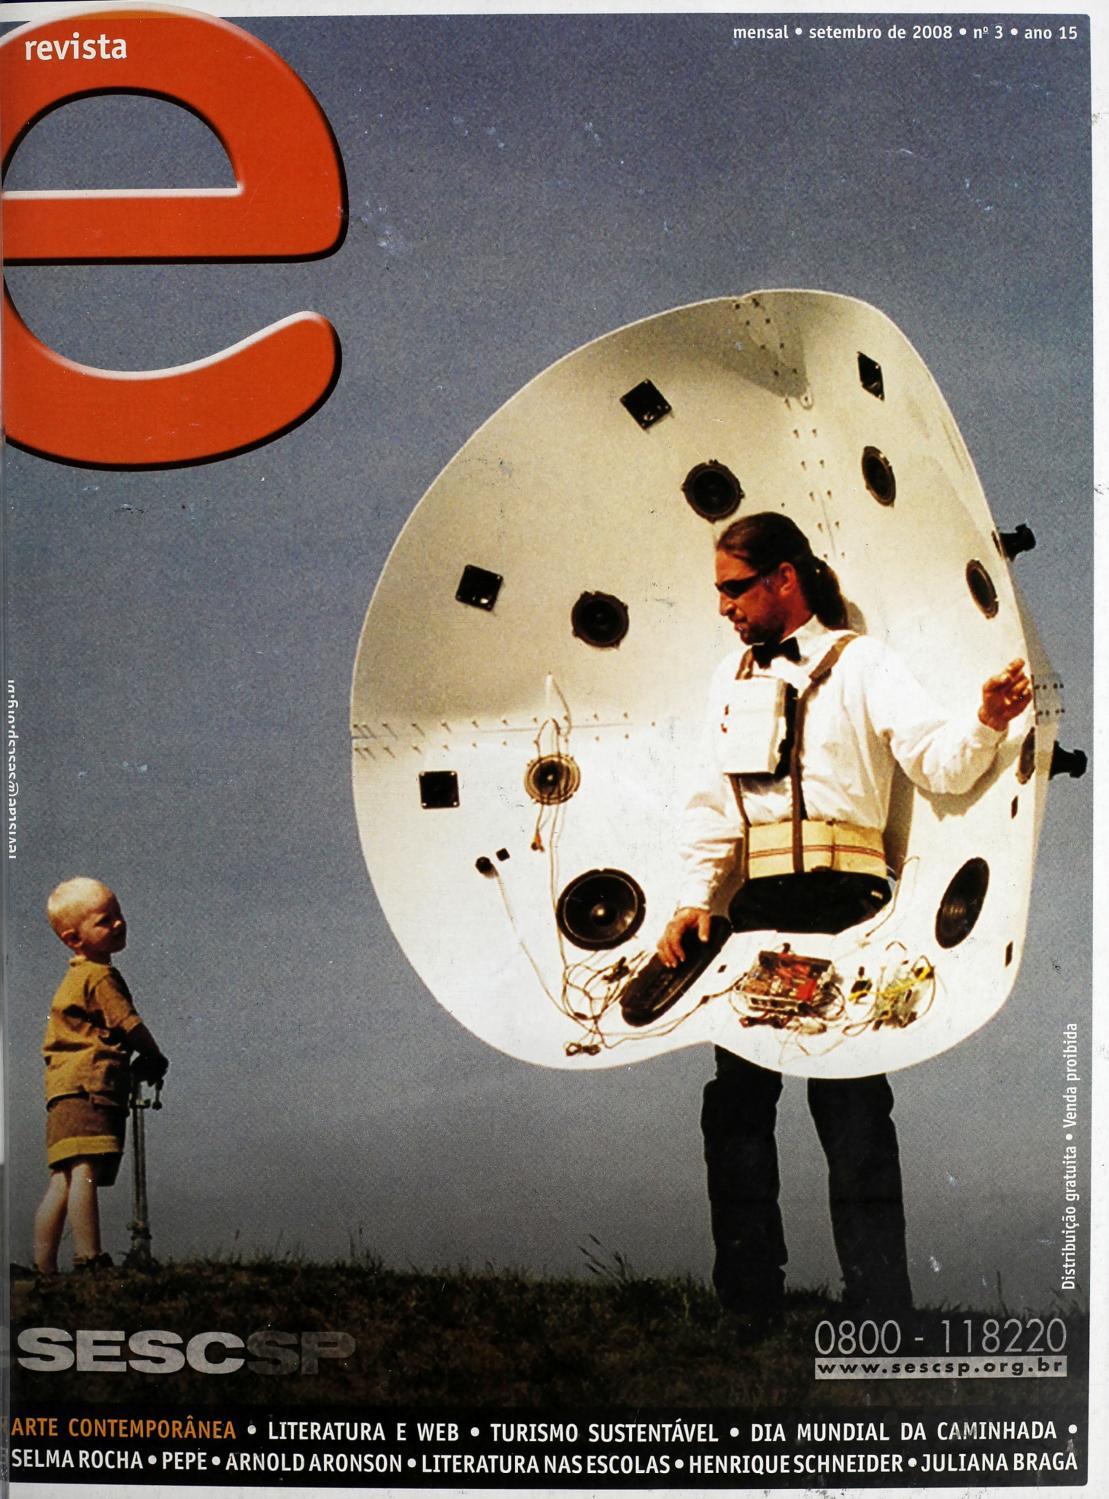 Revista E - Setembro de 2008 - ANO 15 - Nº 3 by Sesc em São Paulo - issuu ff730c2d4b1